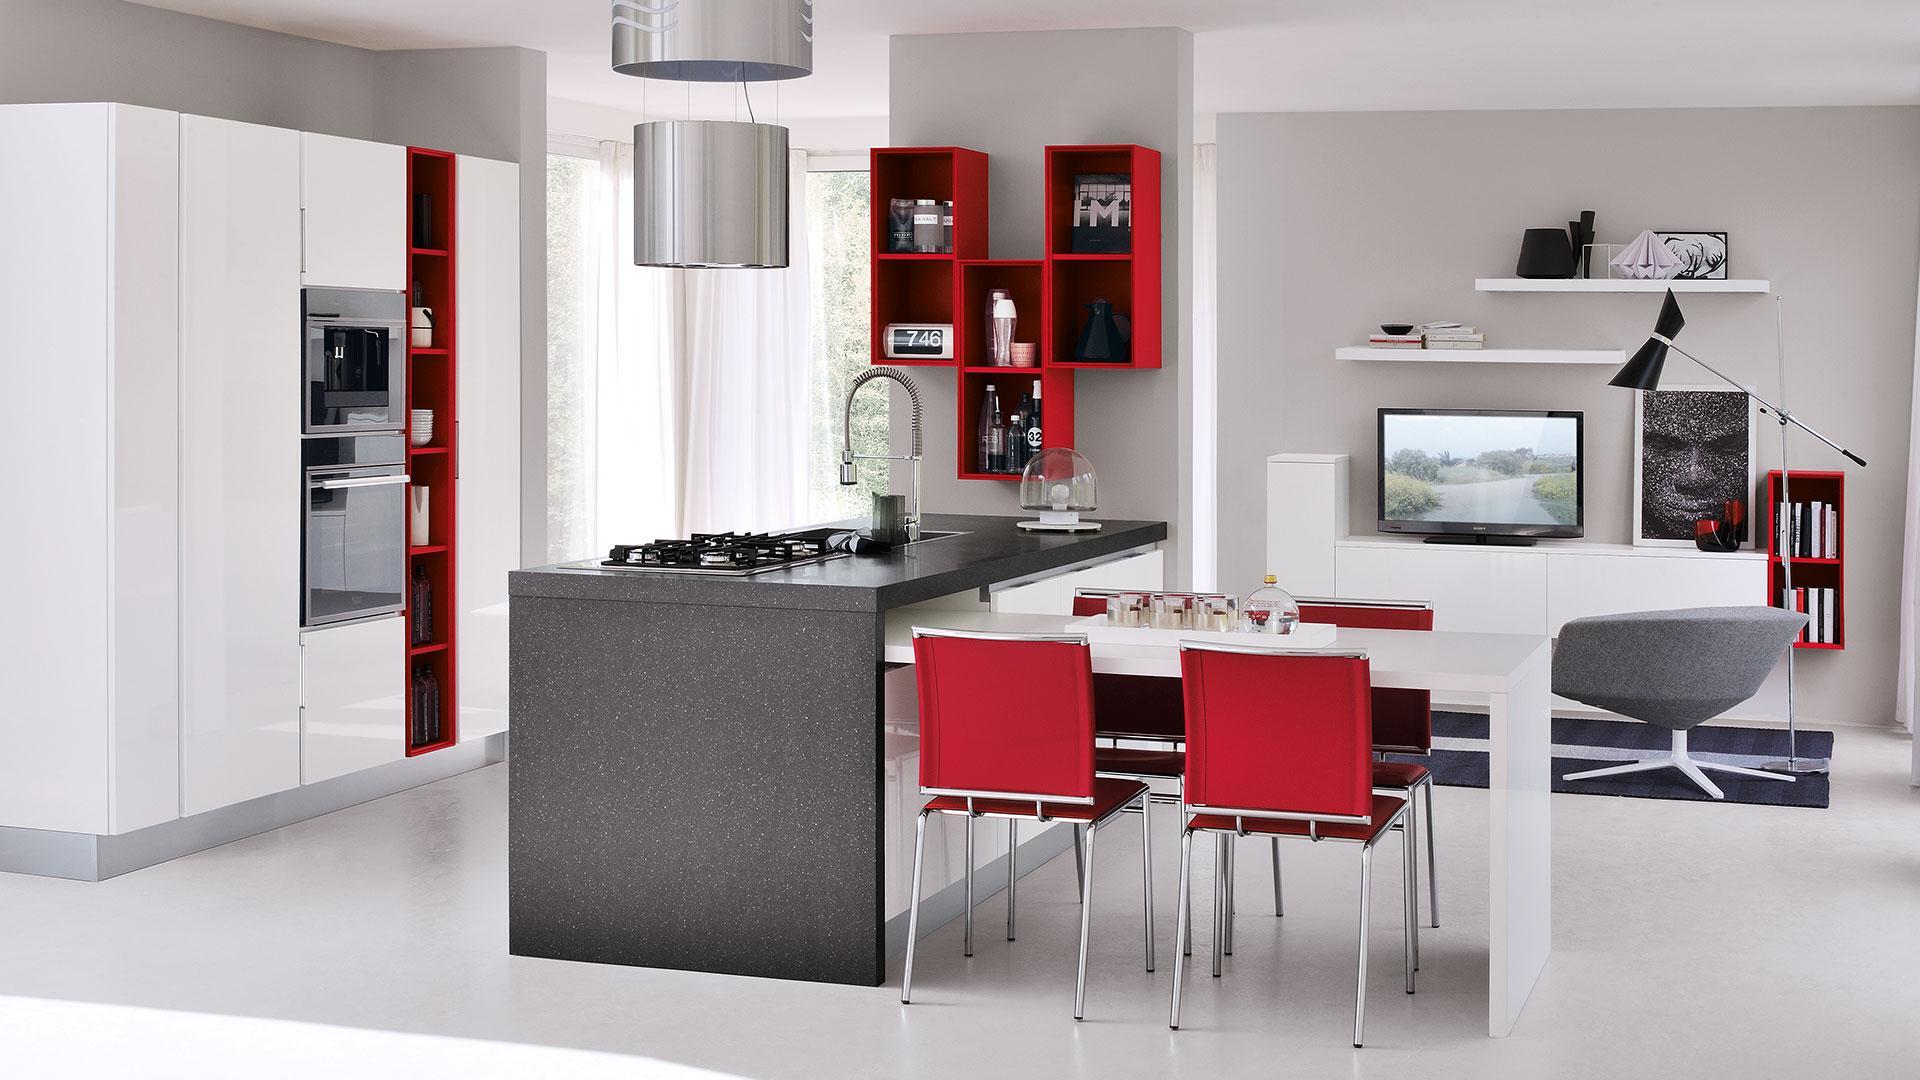 Centri cucine roma amazing mobili sparaco centro - Mobilificio in campania ...